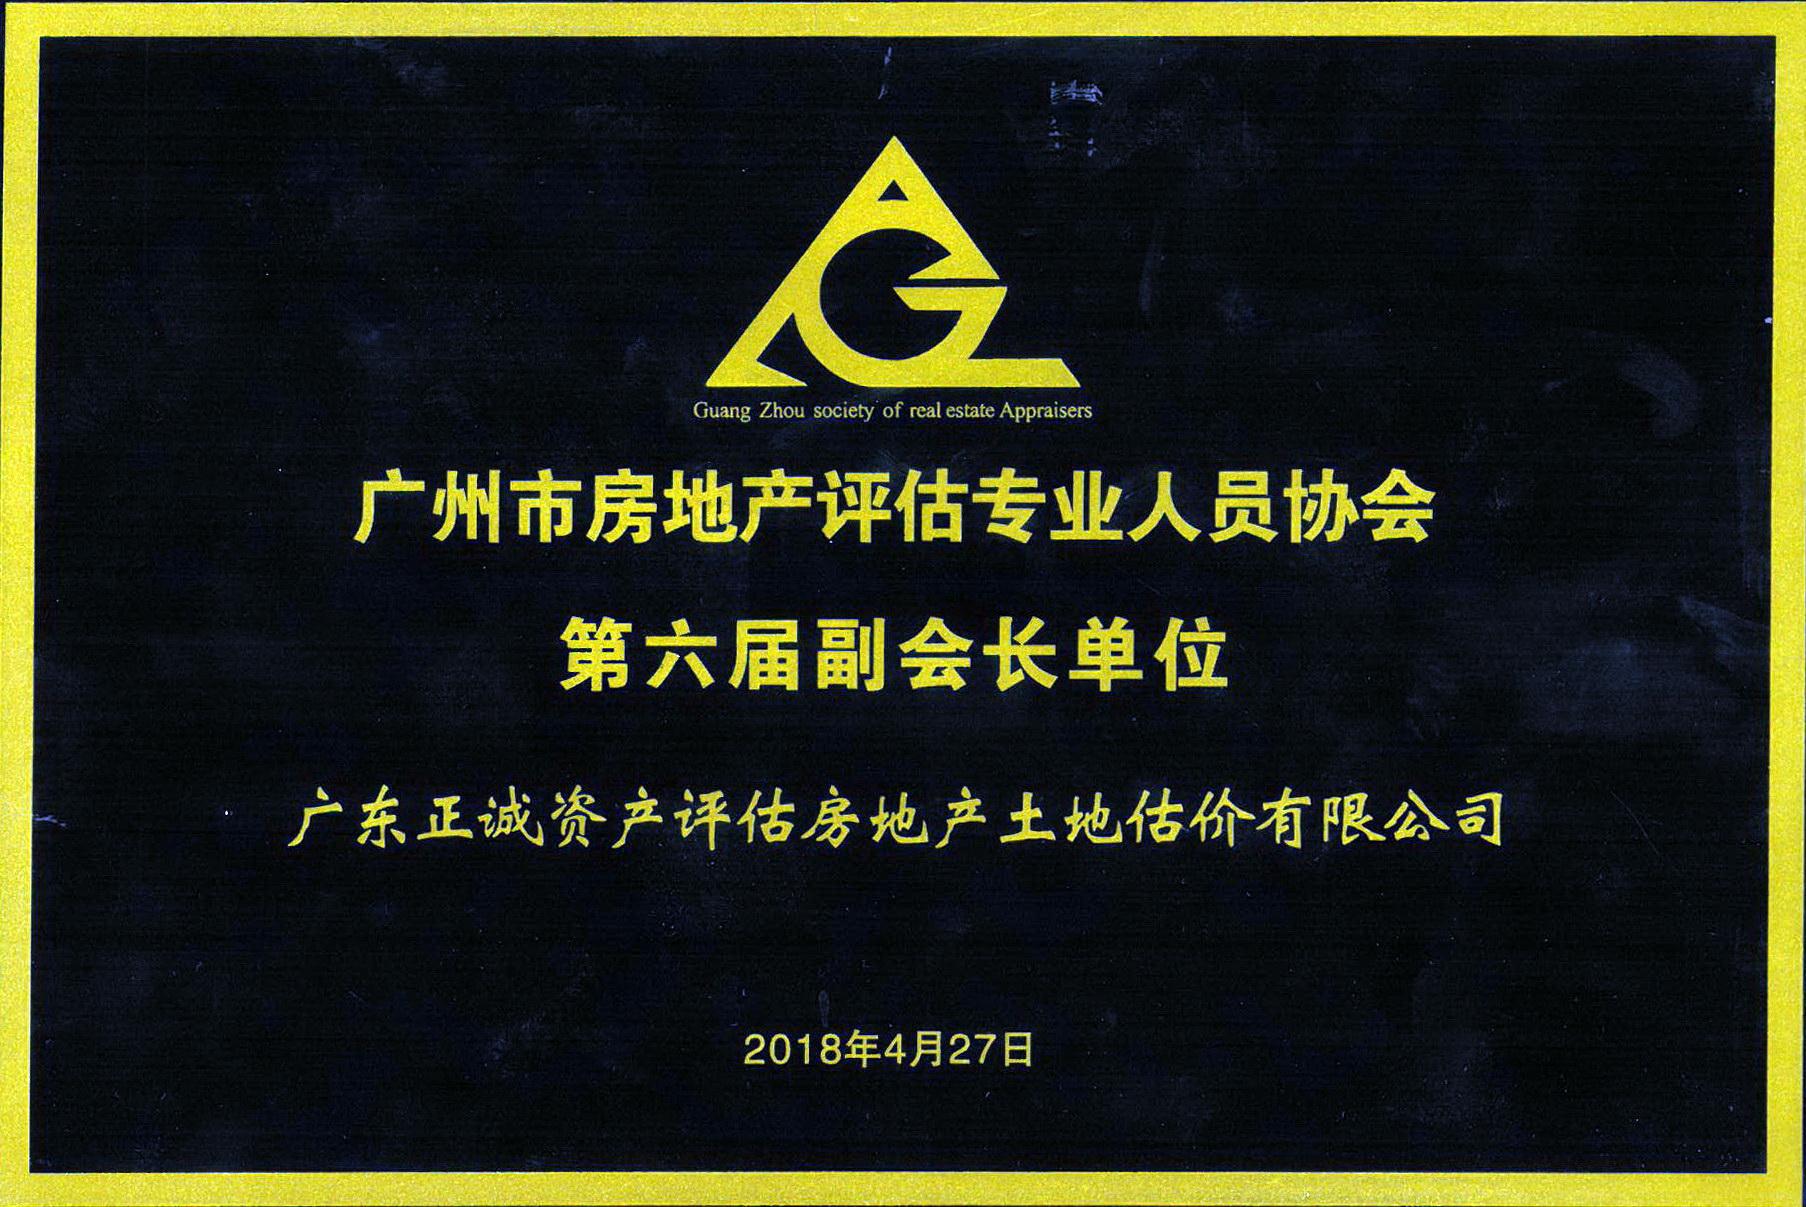 广州市房地产评估专业人员协会副会长单位